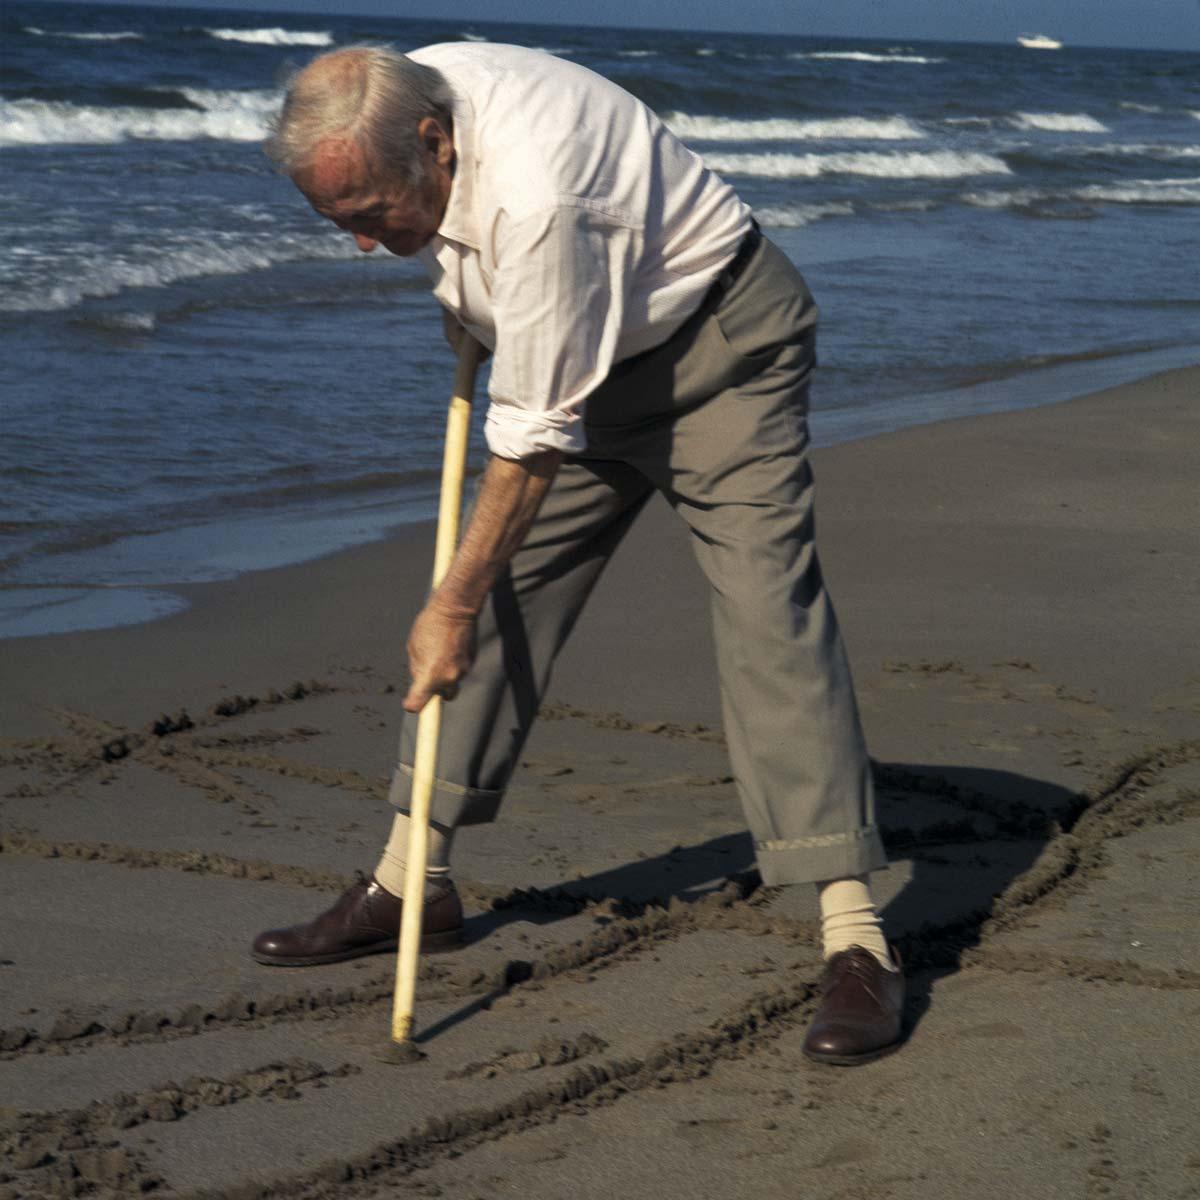 Joan Miró dibujando en la arena